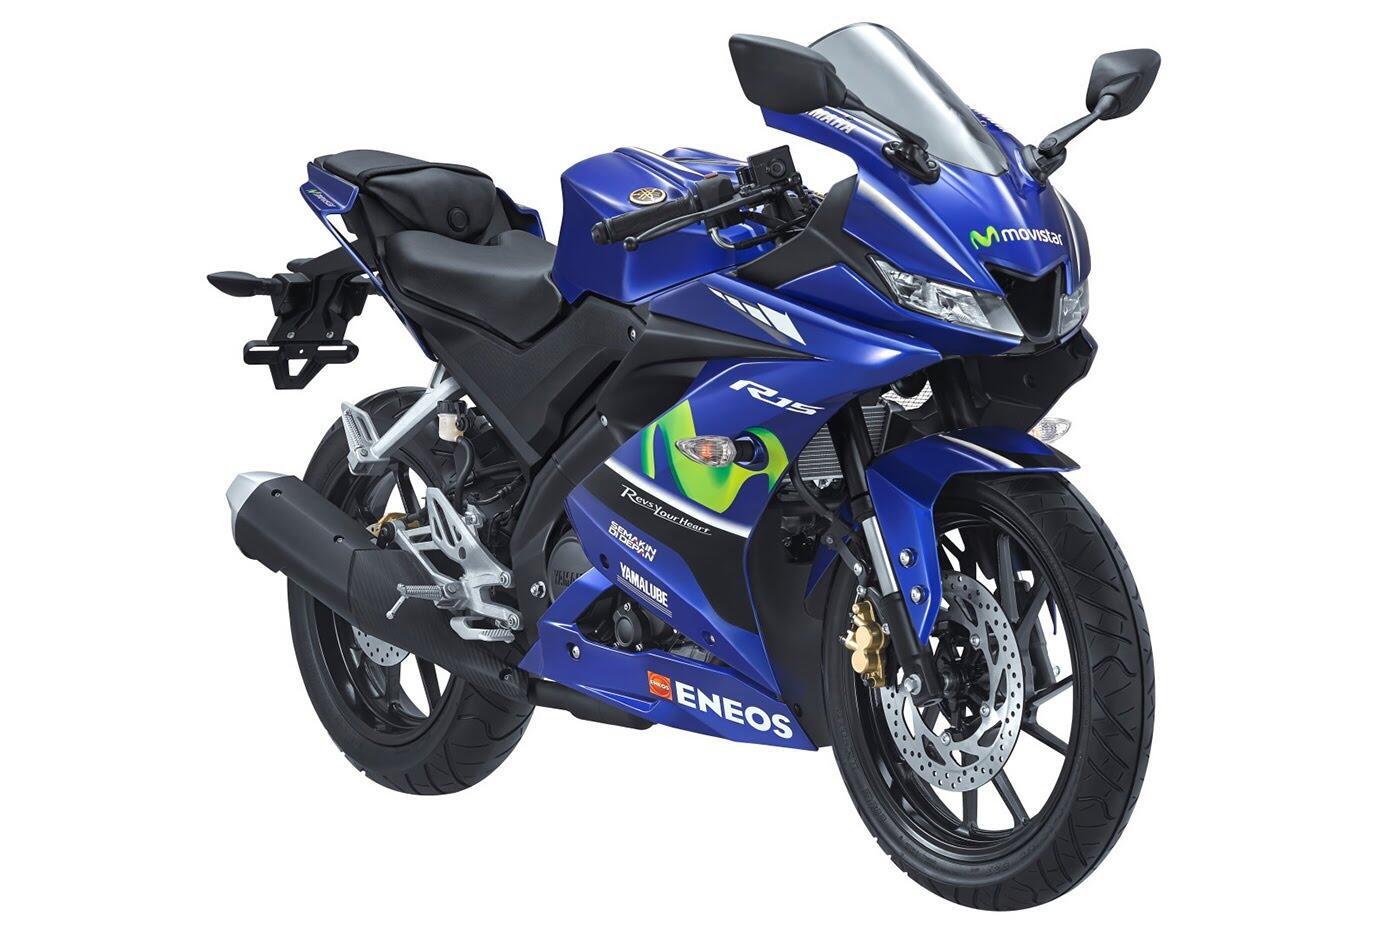 Yamaha R15 V3.0 và NVX 155 có thêm bản Movistar - Hình 3